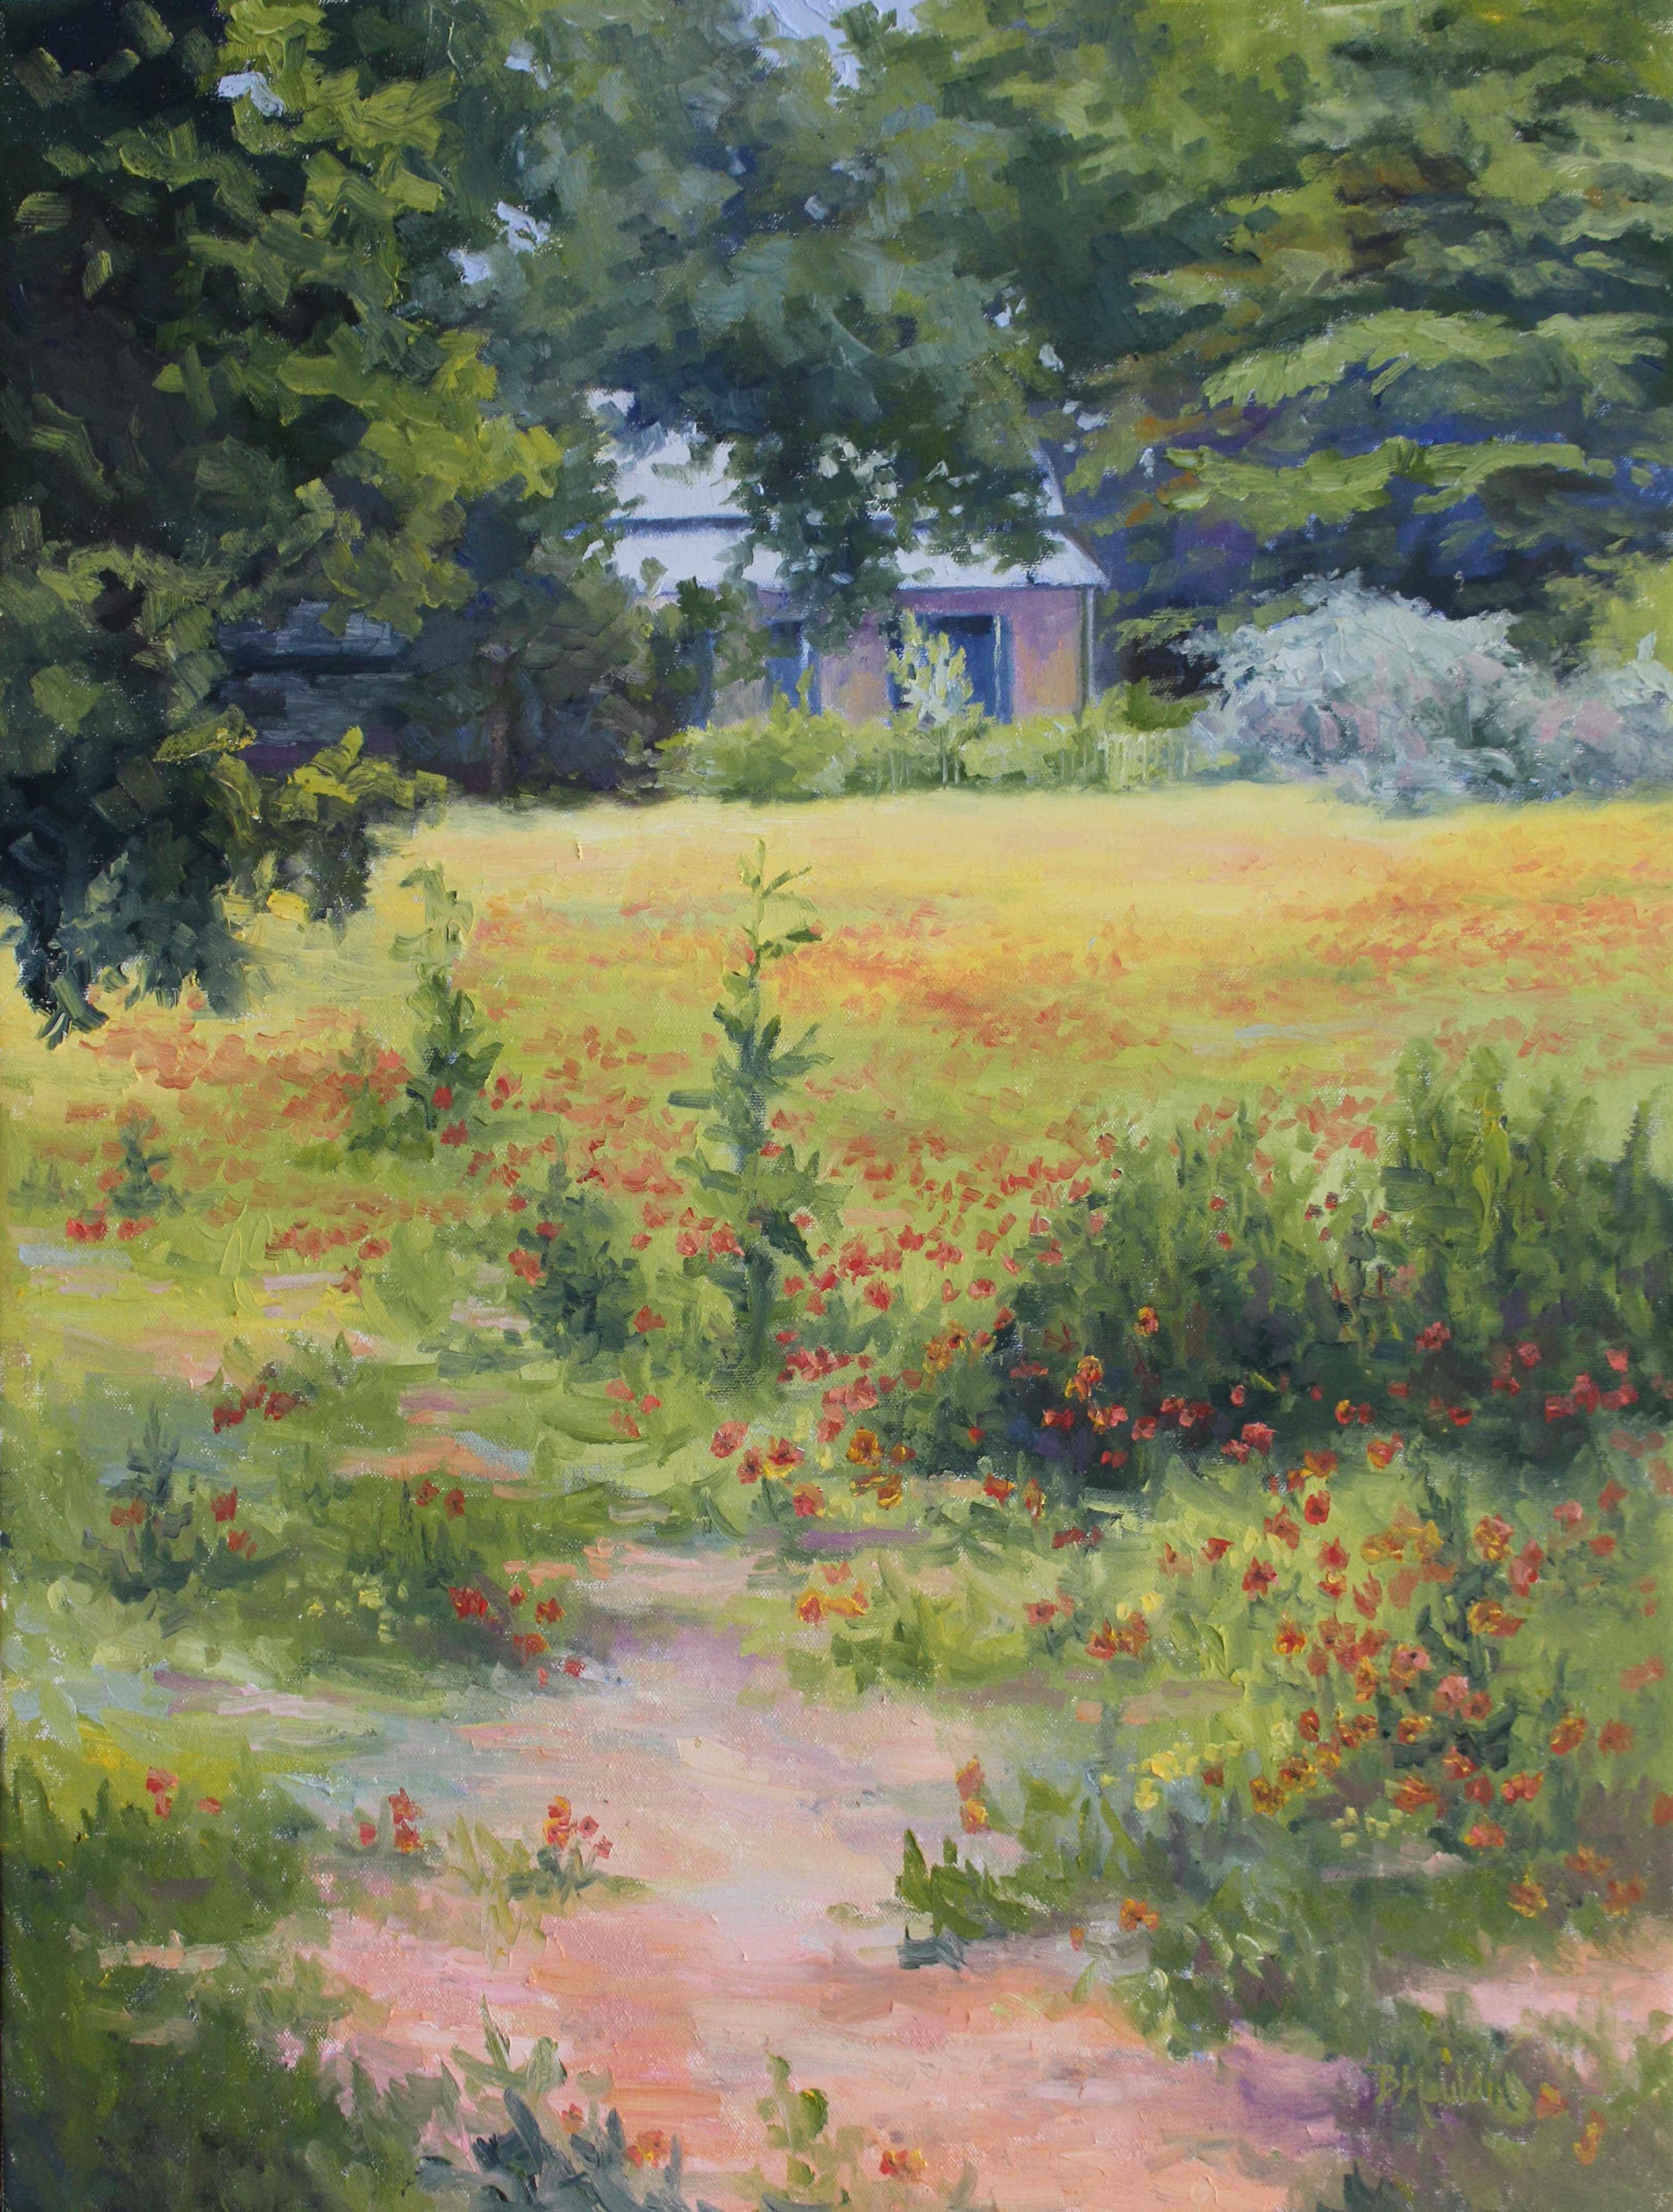 Spring Garden by  Barbara Mauldin - Masterpiece Online